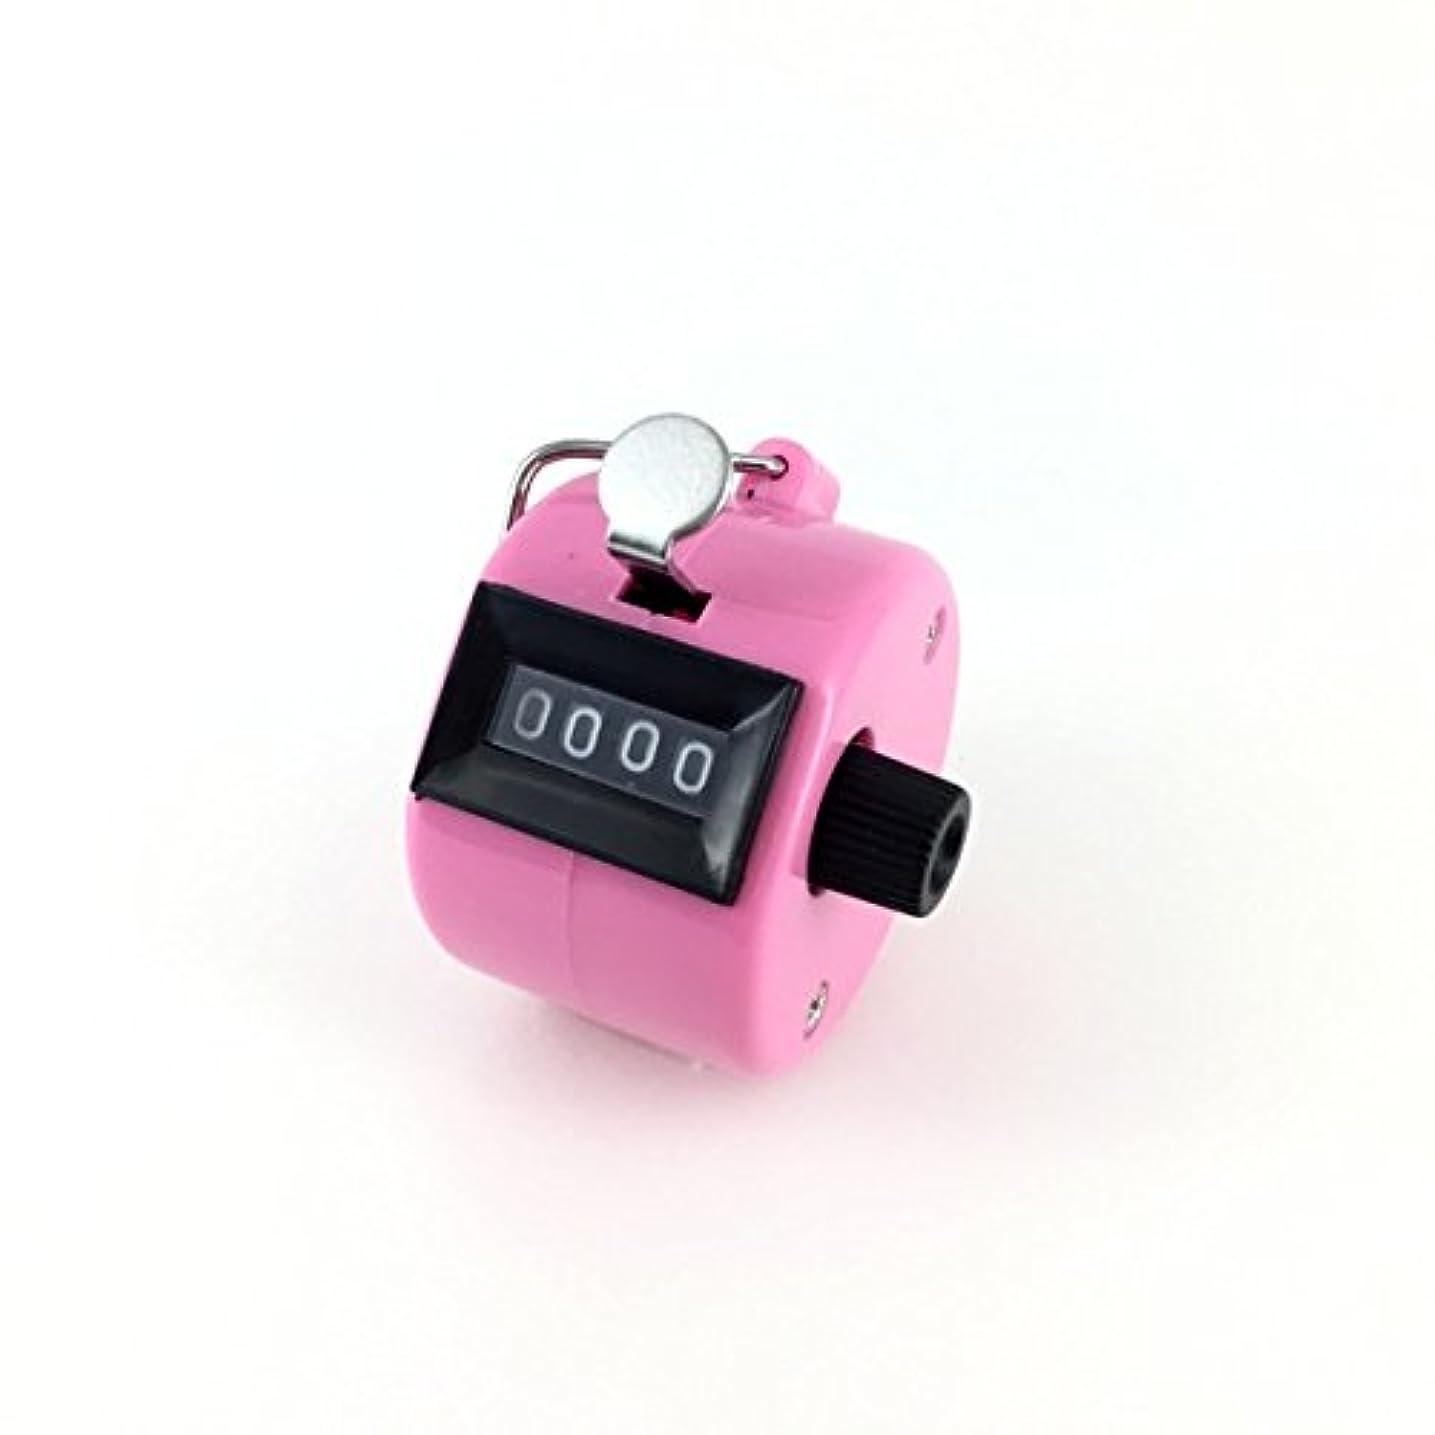 扱う気質顕現エクステカウンター 手持ちホルダー付き 数取器 まつげエクステ用品 カラー4色 (ピンク)